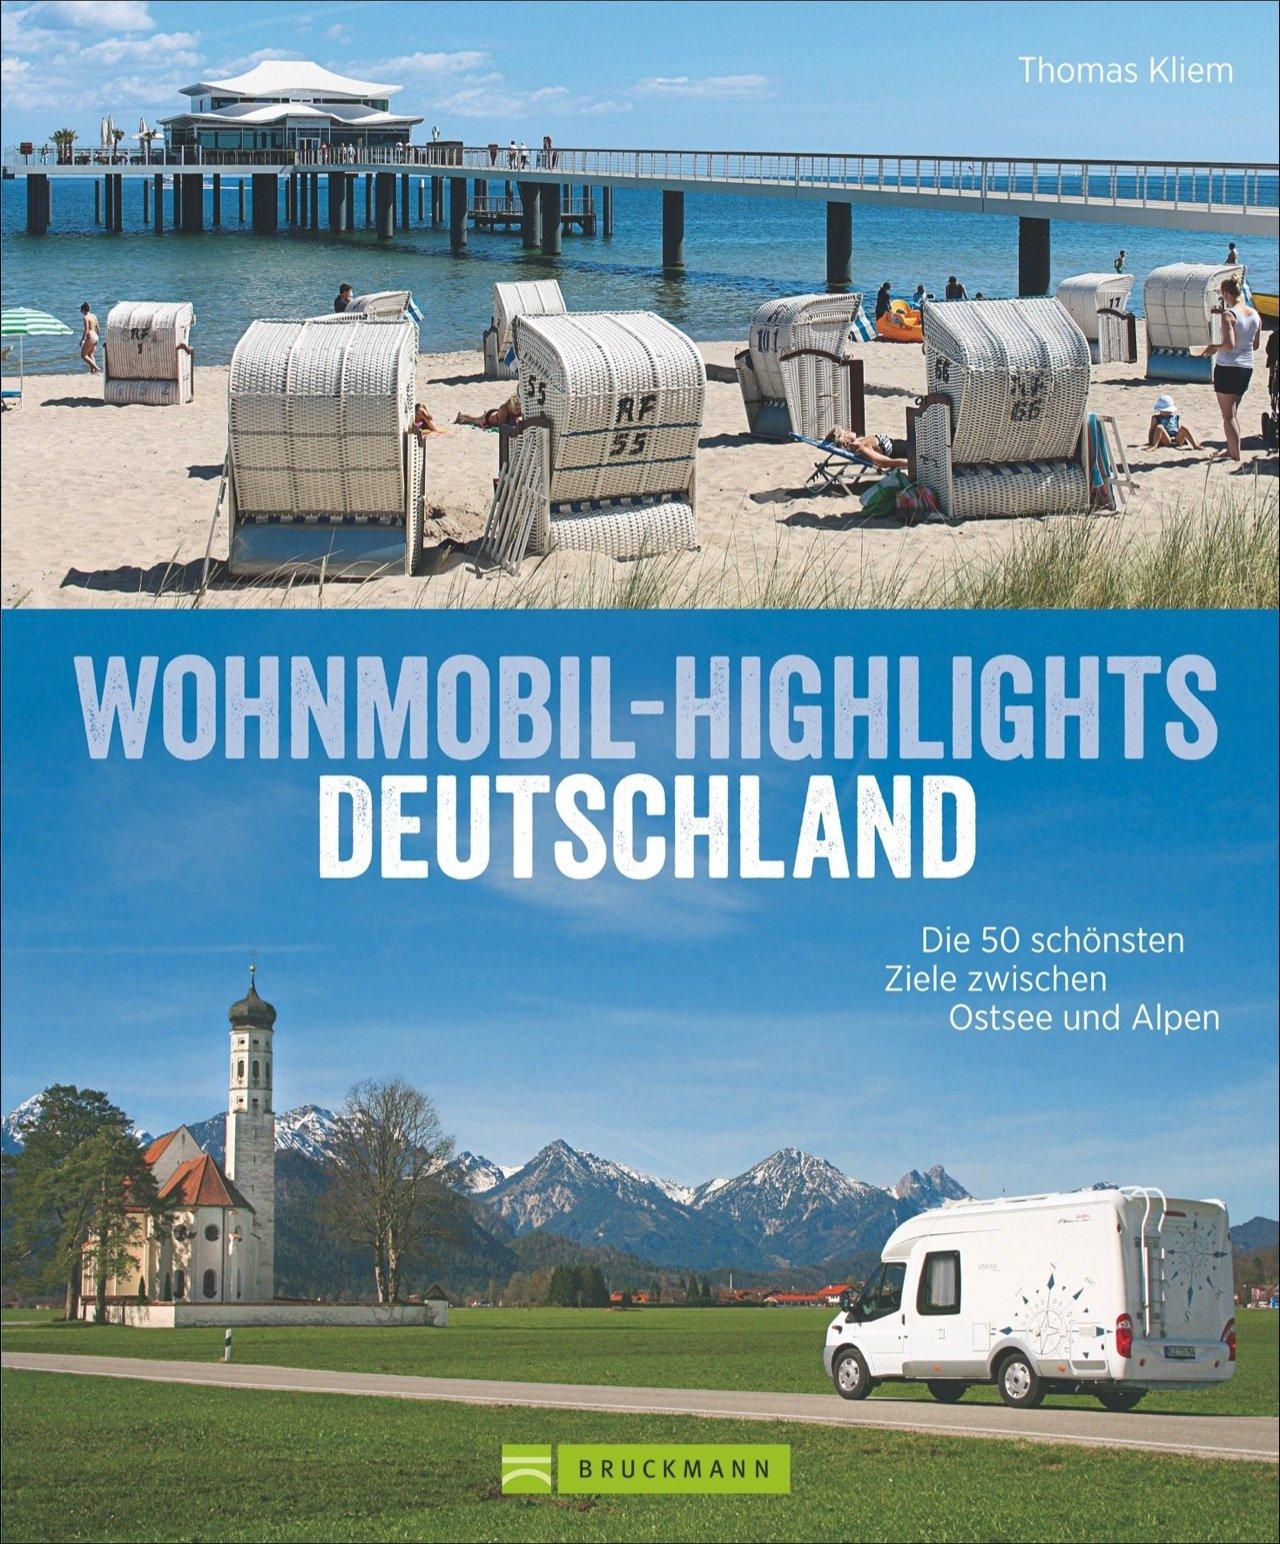 Deutschland mit dem Wohnmobil: Die 8 schönsten Ziele zwischen